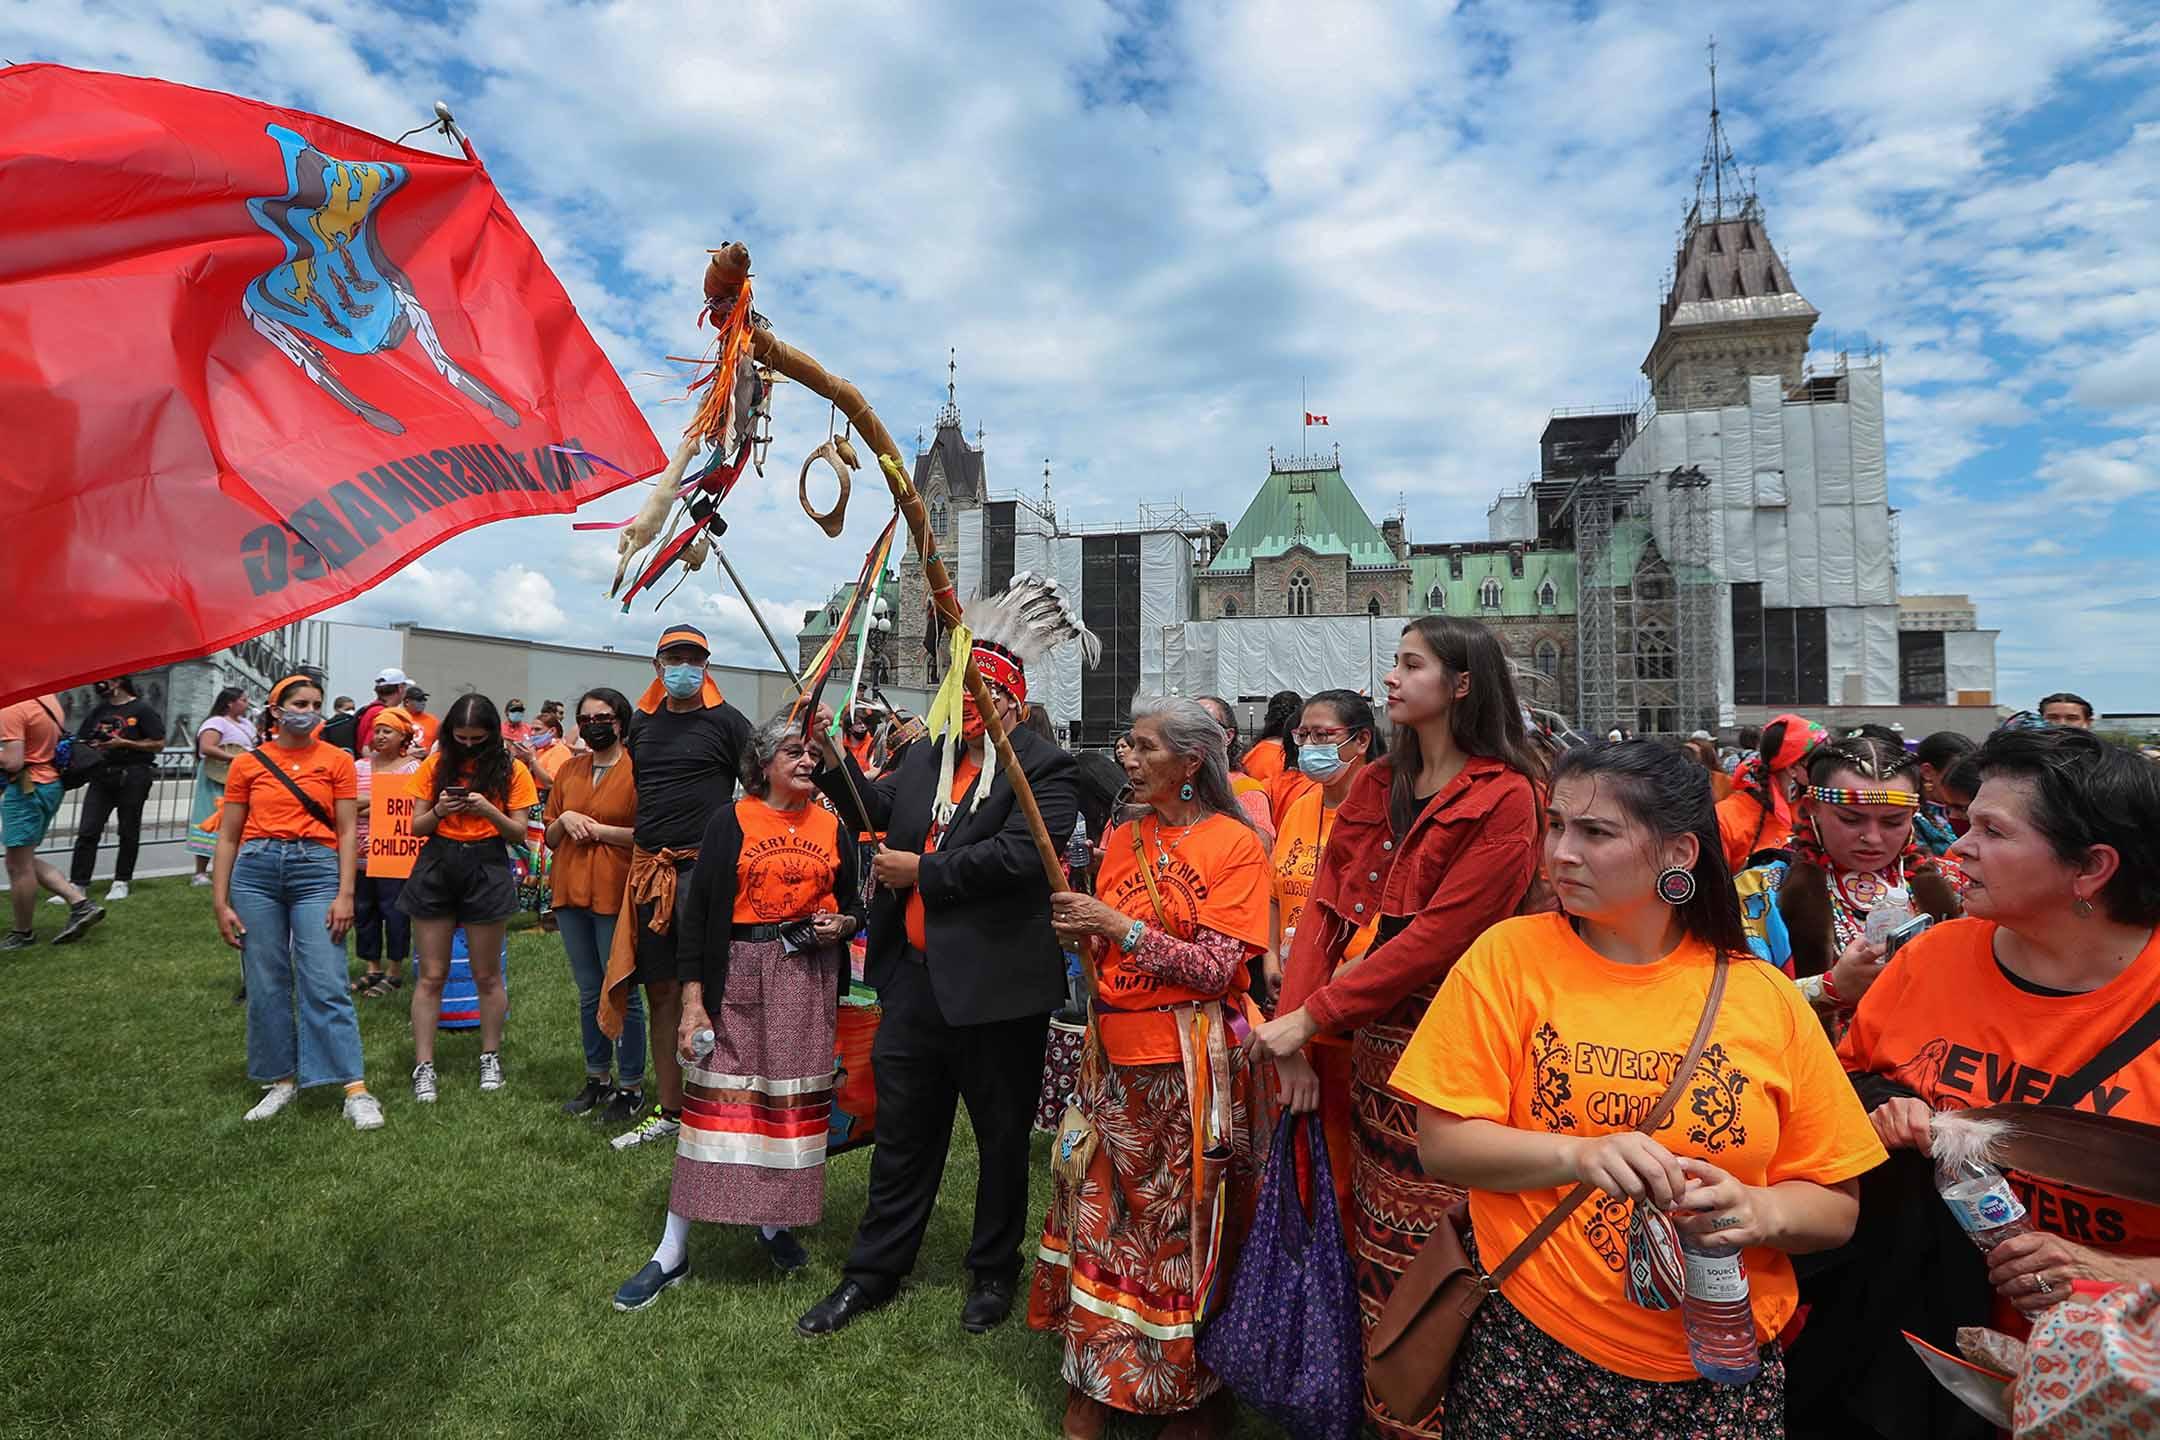 2021年7月1日加拿大安大略省渥太華市,身穿橙色衣服的示威者聚集在聲援原住民寄宿學校的倖存者。 攝:David Kawai/Bloomberg via Getty Images